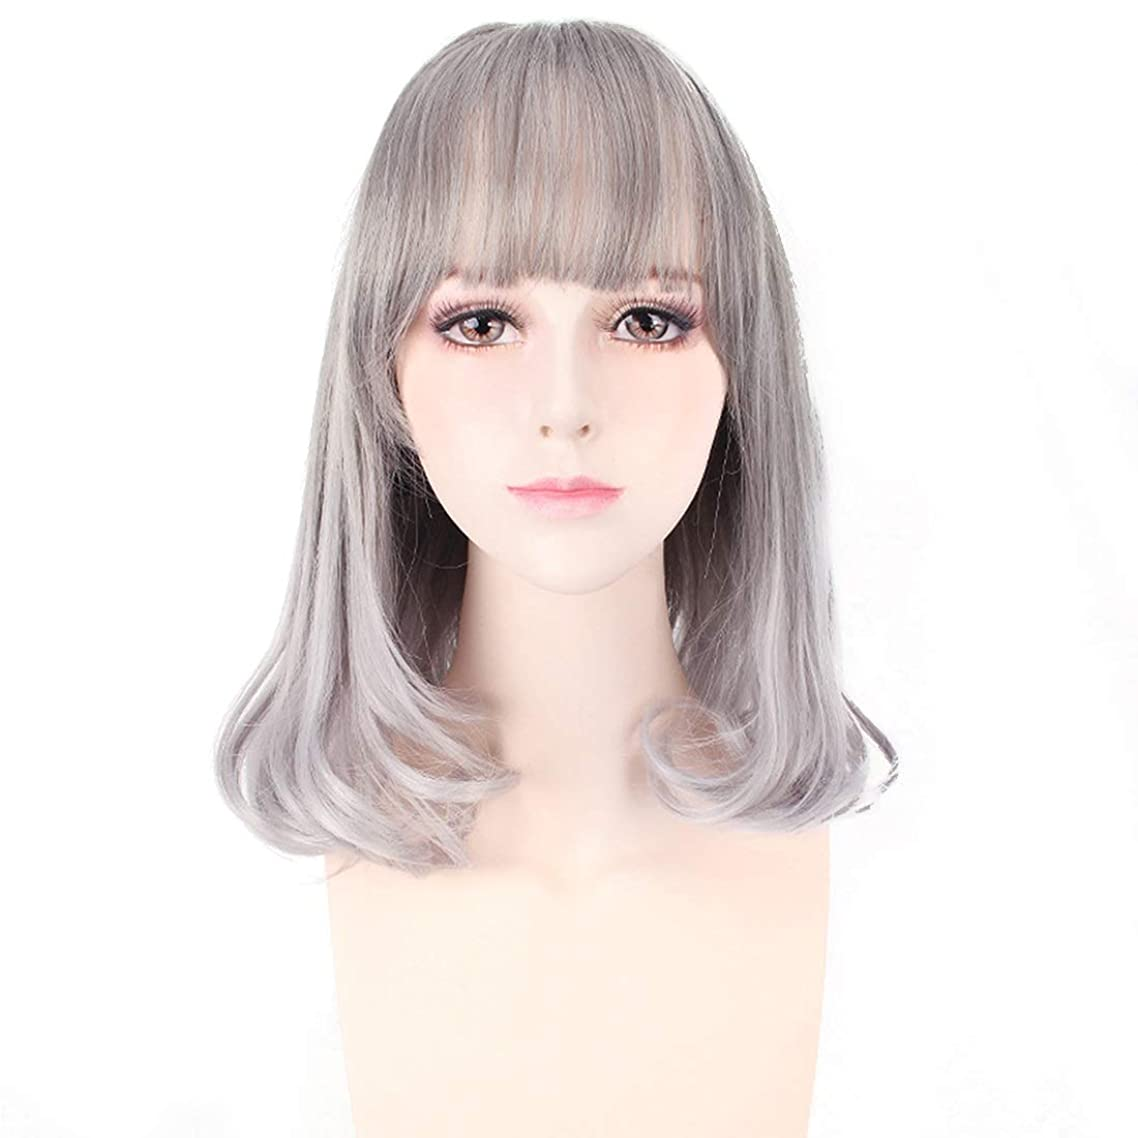 会う立法寄付するKoloeplf チーバンズショートヘアウェーブヘッドふわふわリアルガールウィッグ (Color : Silver gray)